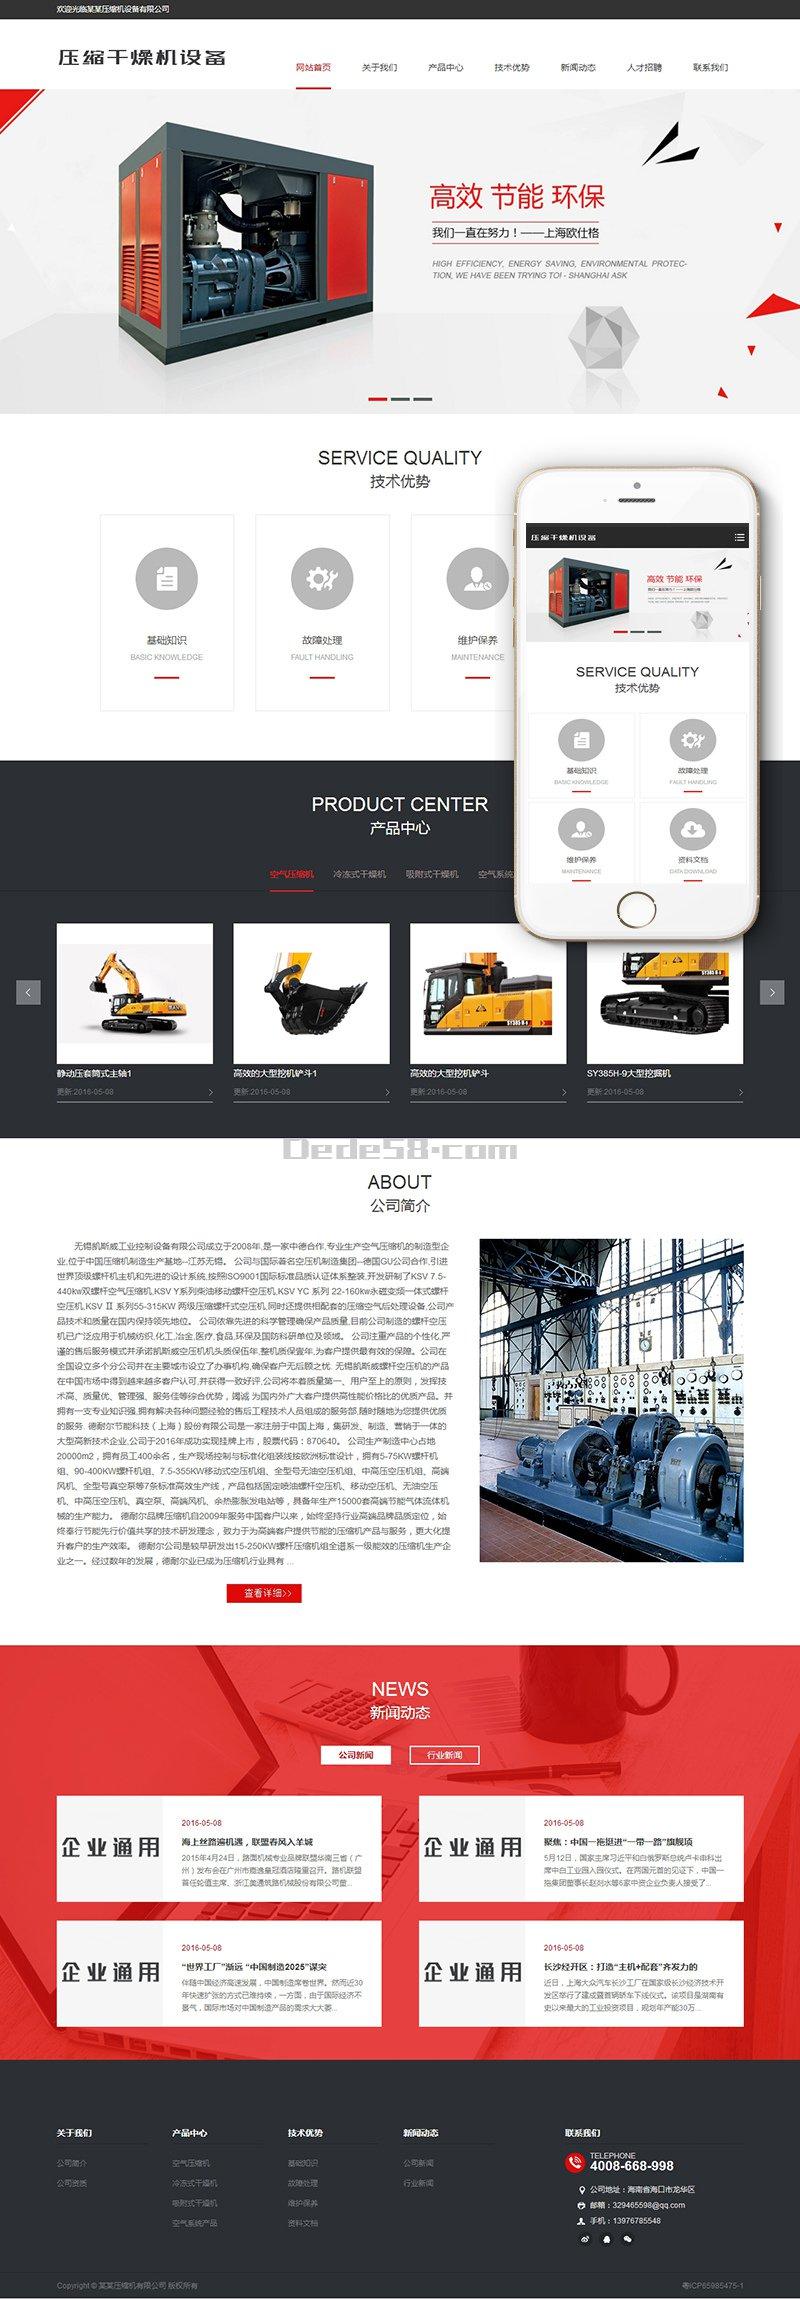 织梦dedecms响应式压缩干燥机设备类型网站织梦模板自适应手机端